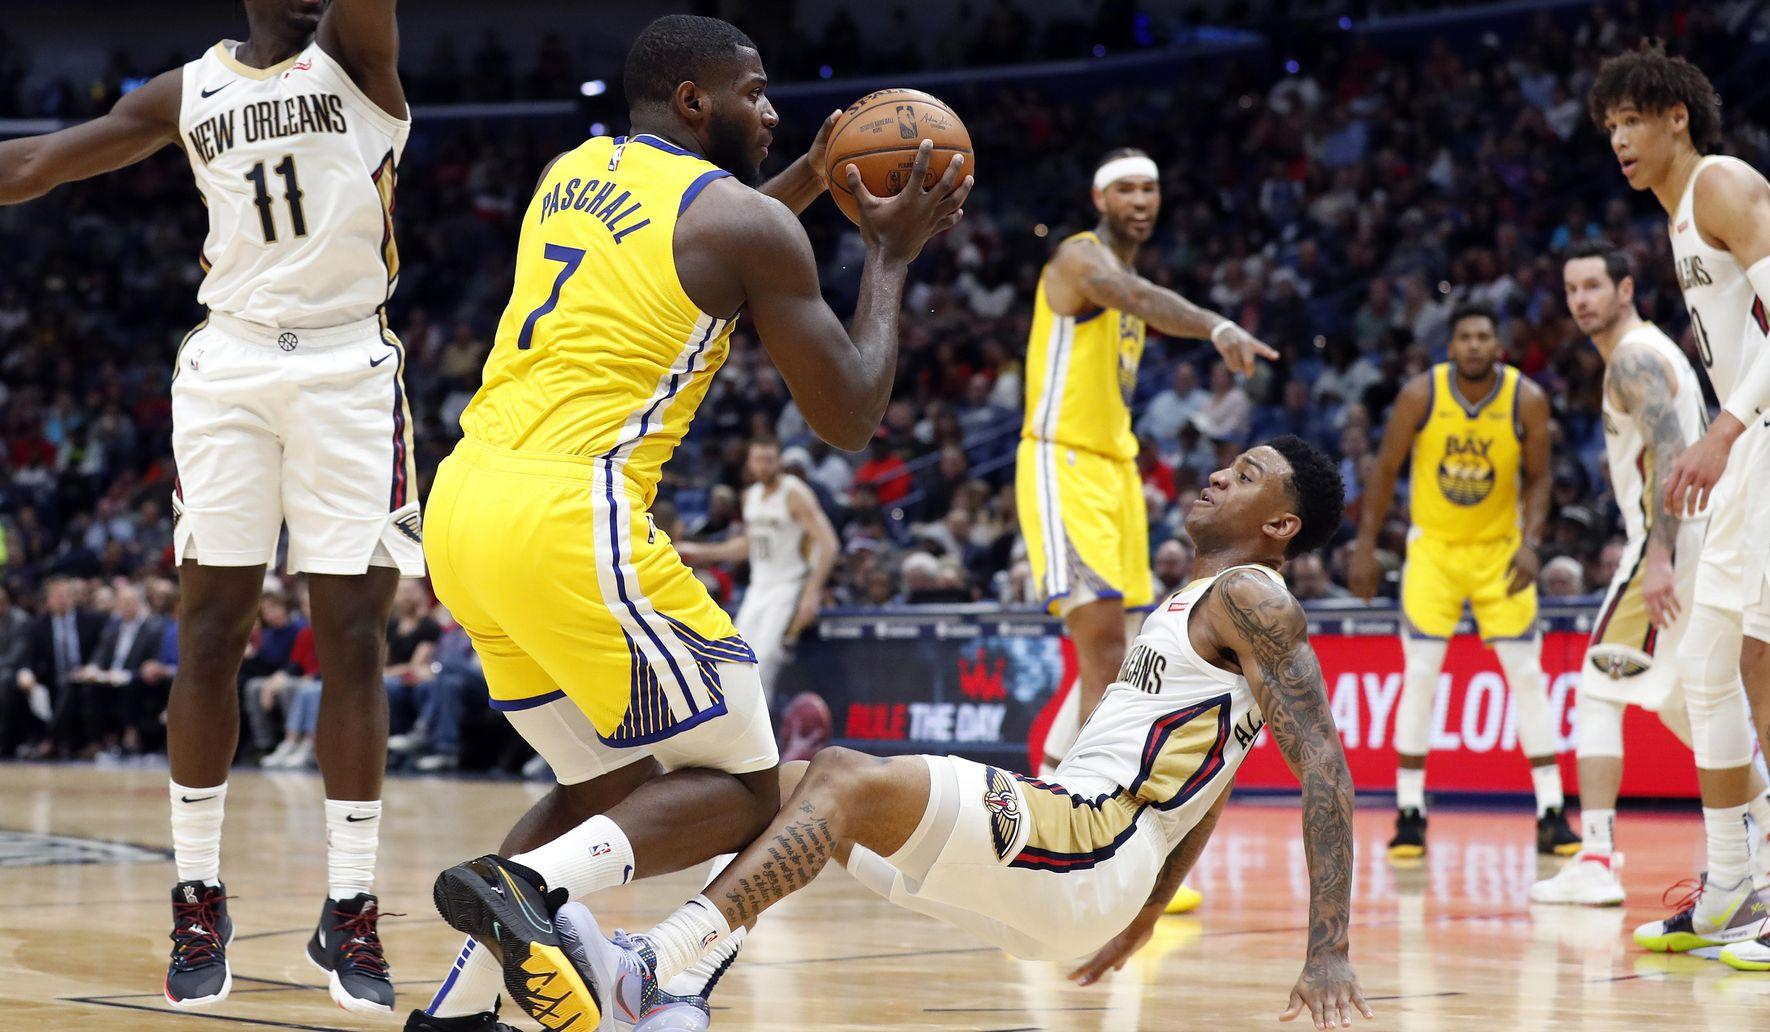 Warriors_pelicans_basketball_02018_c0-178-4252-2657_s1770x1032